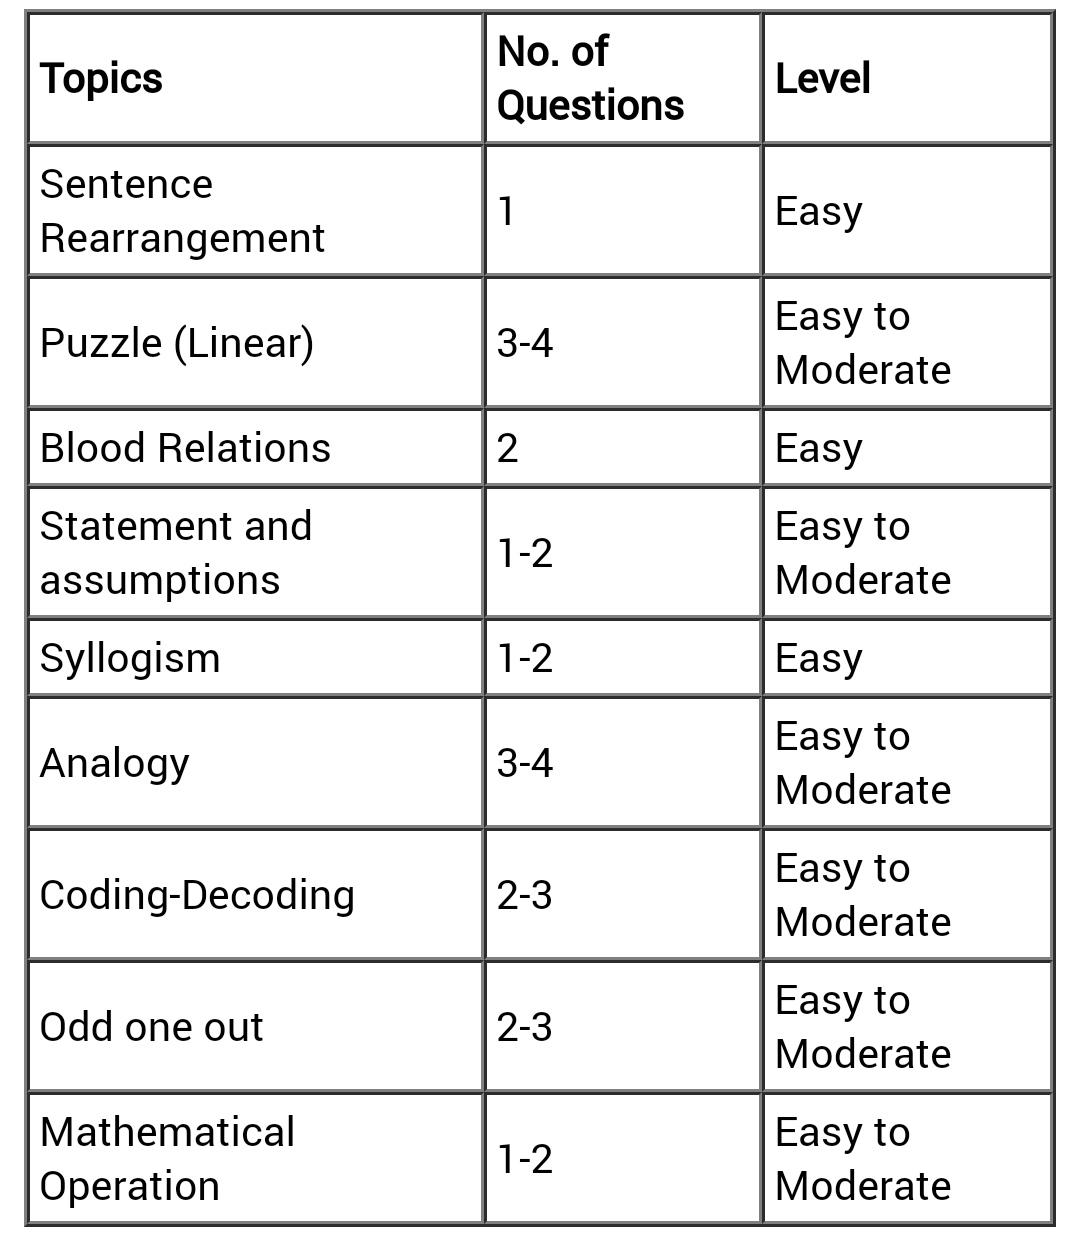 General Intelligence & Reasoning तर्क अनुभाग उम्मीदवारों की सोच क्षमताओं का परीक्षण करता है और इसमें 30 अंकों के लिए कुल 30 प्रश्न होते हैं। रीजनिंग सेक्शन का स्तर आसान था। स्तर के साथ-साथ पूछे गए प्रश्नों का विषय-वार वितरण नीचे प्रदान किया गया है।